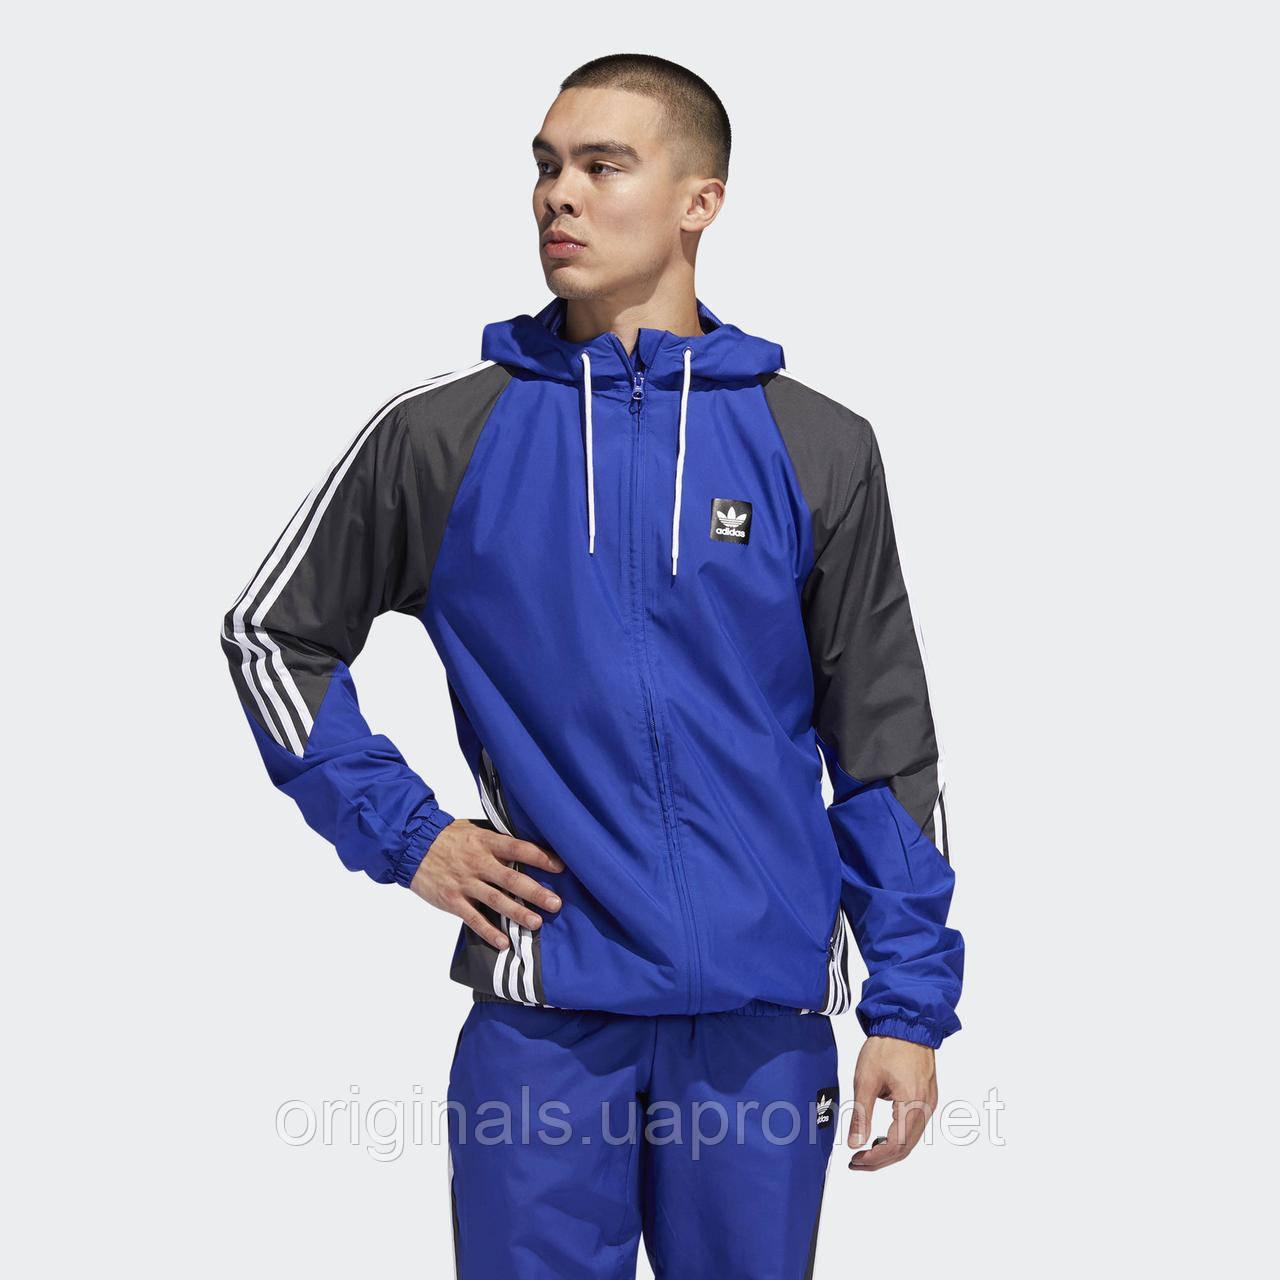 Мужская куртка adidas Insley Jacket Active DU8336